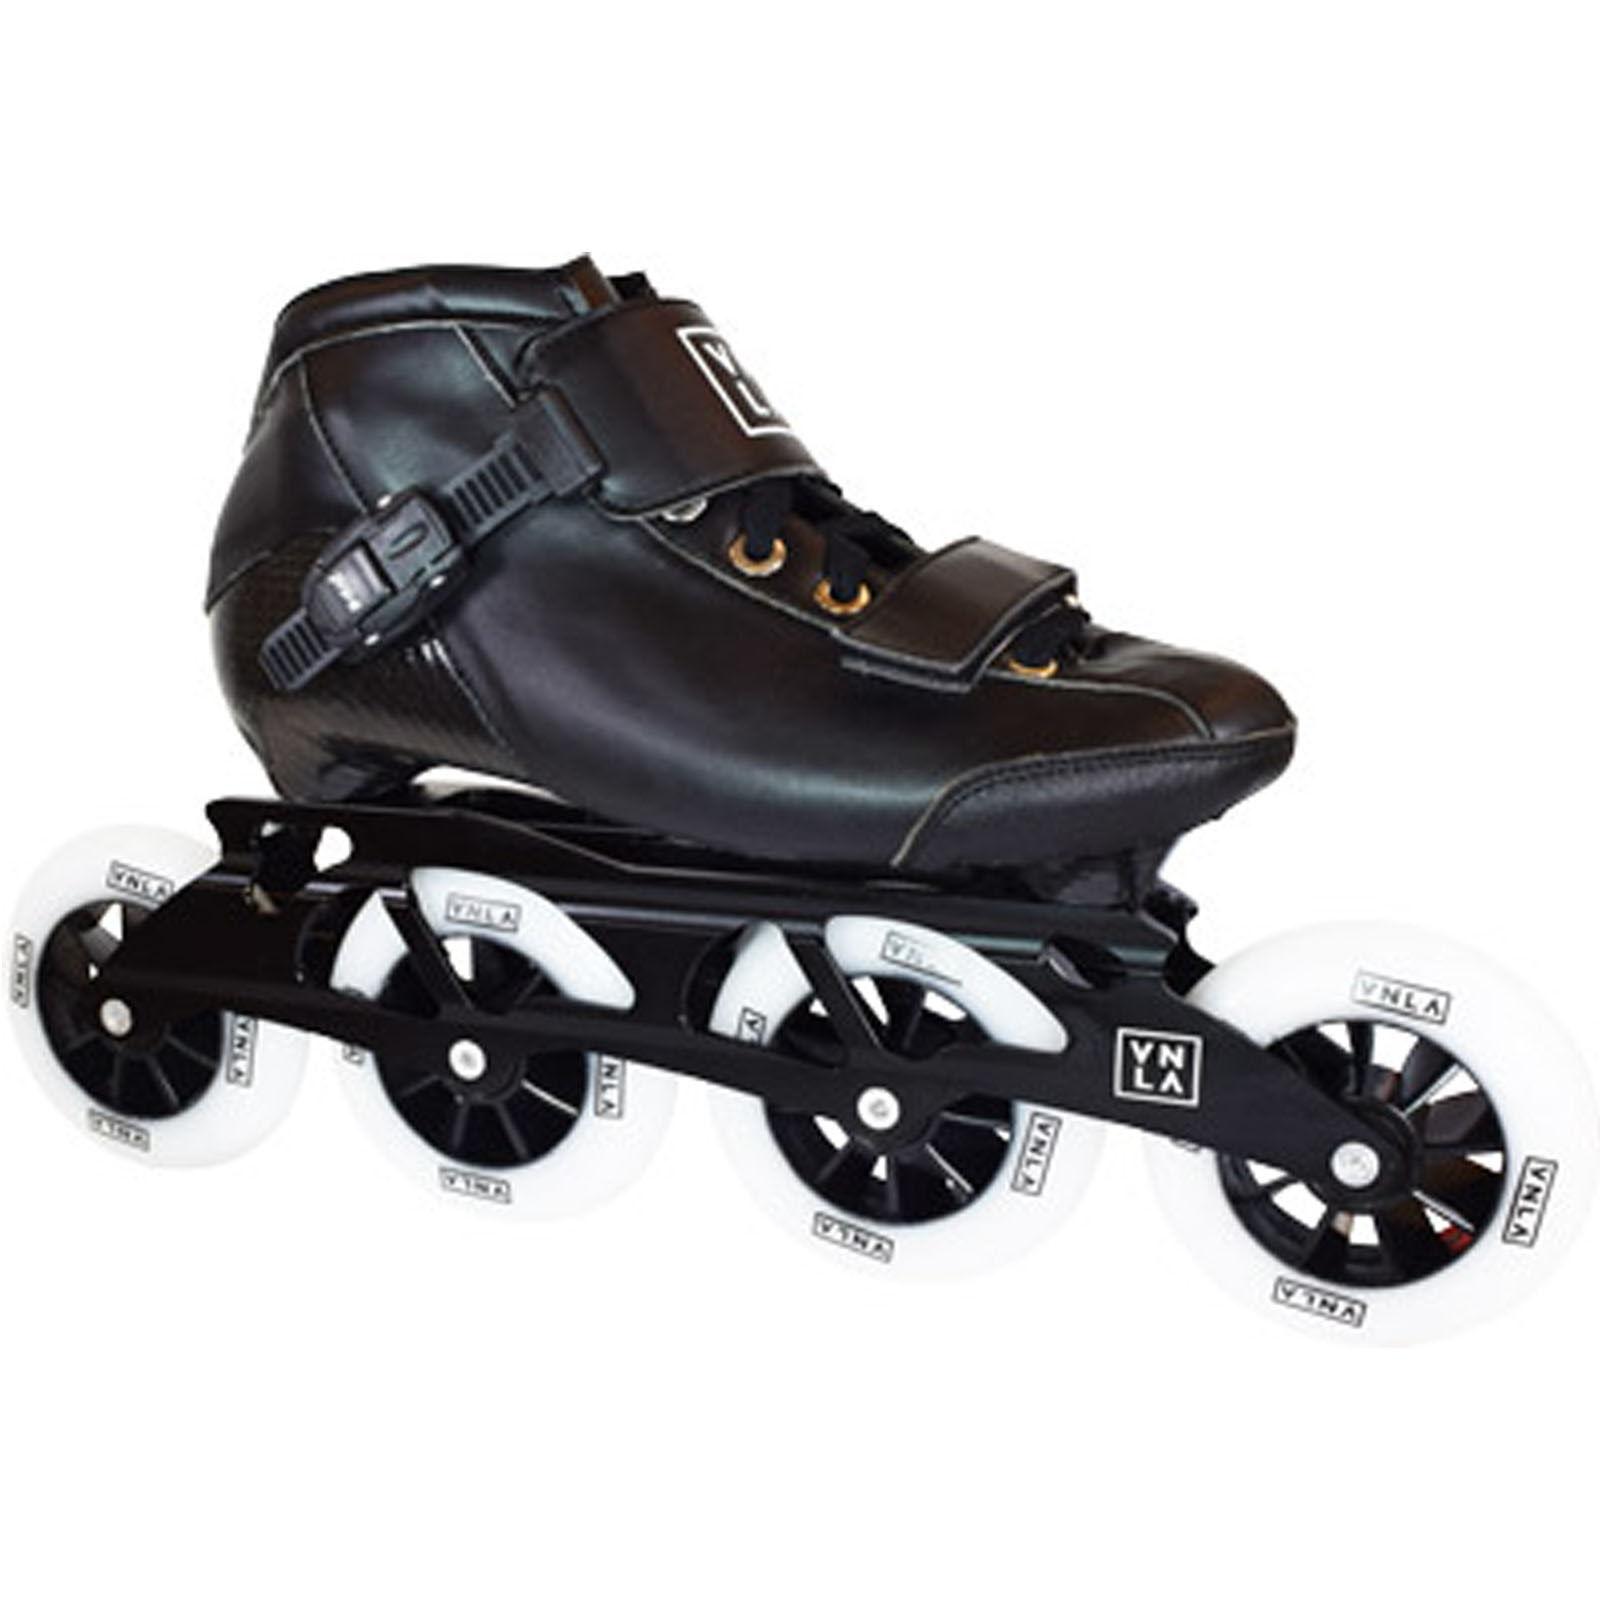 VNLA X1  - Beginner Inline Vanilla Speed Skate -  Men Größe 1-13